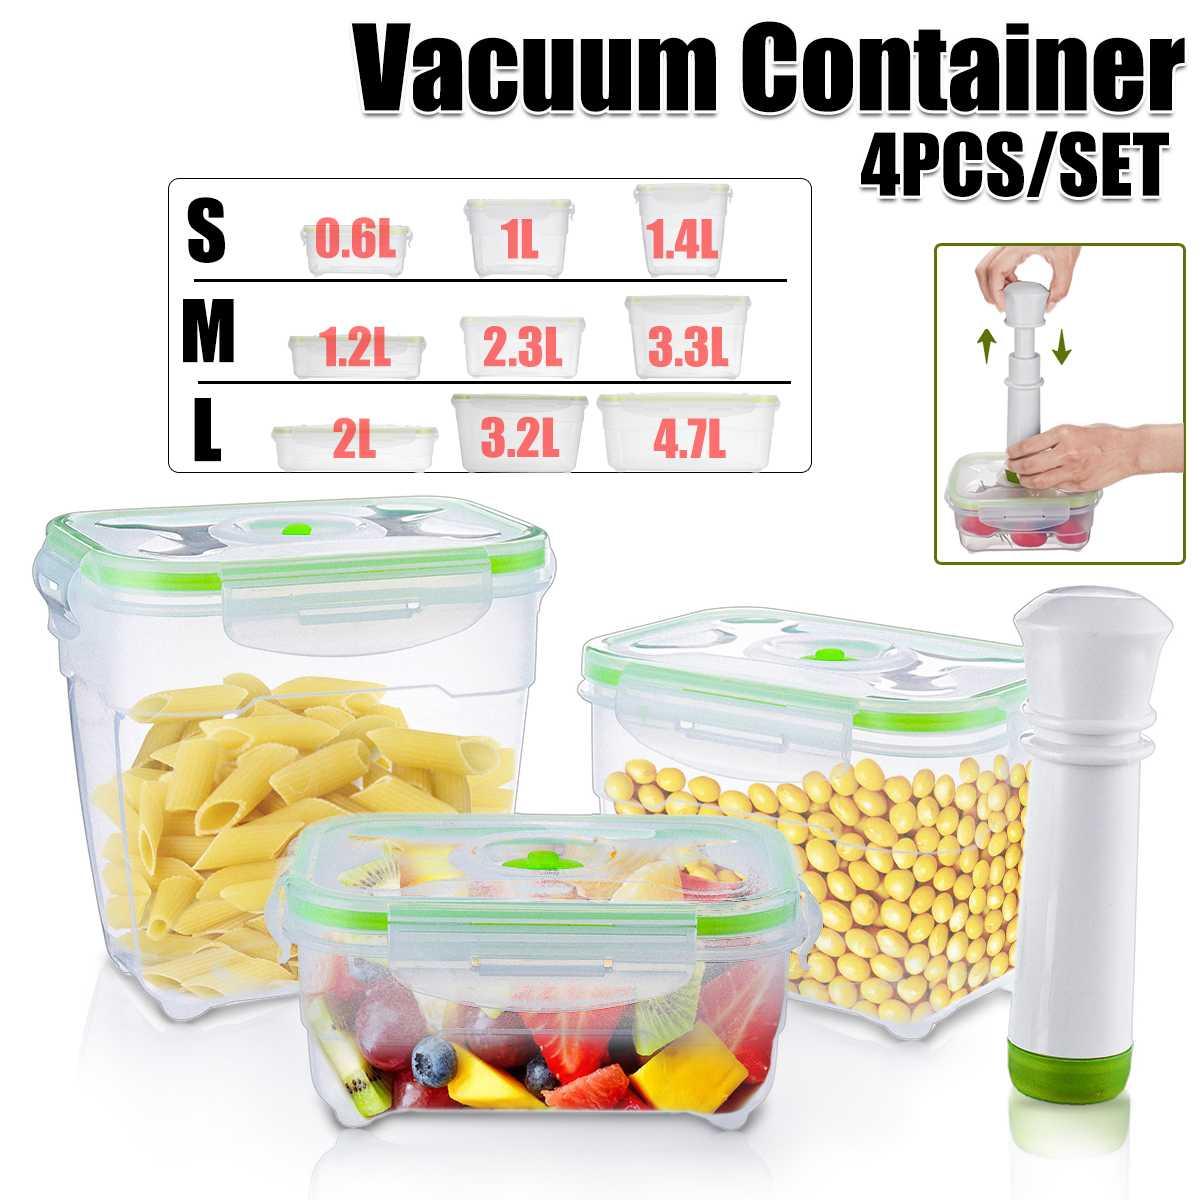 4 개/대 3 크기 진공 컨테이너 대용량 식품 보호기 스토리지 사각형 플라스틱 용기 펌프 냉장고 주방 pp-에서진공음식 실러부터 가전 제품 의